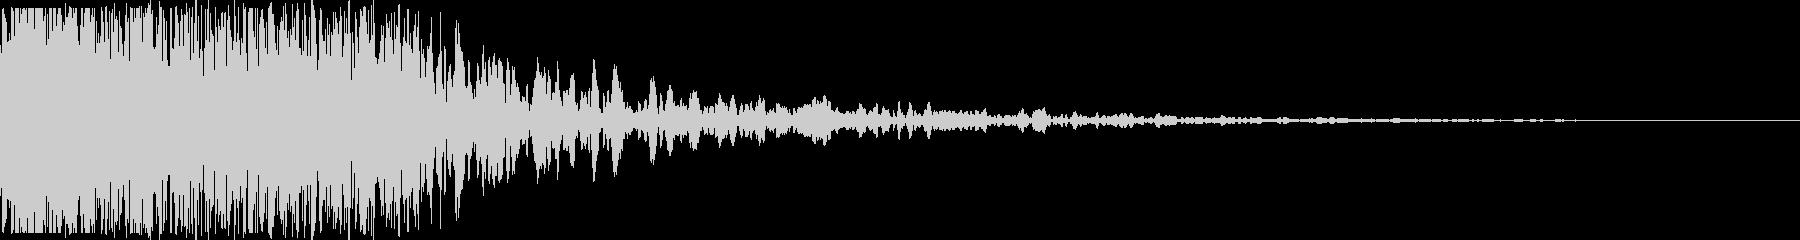 【本物】戦車砲(迫力ある重低音)の未再生の波形